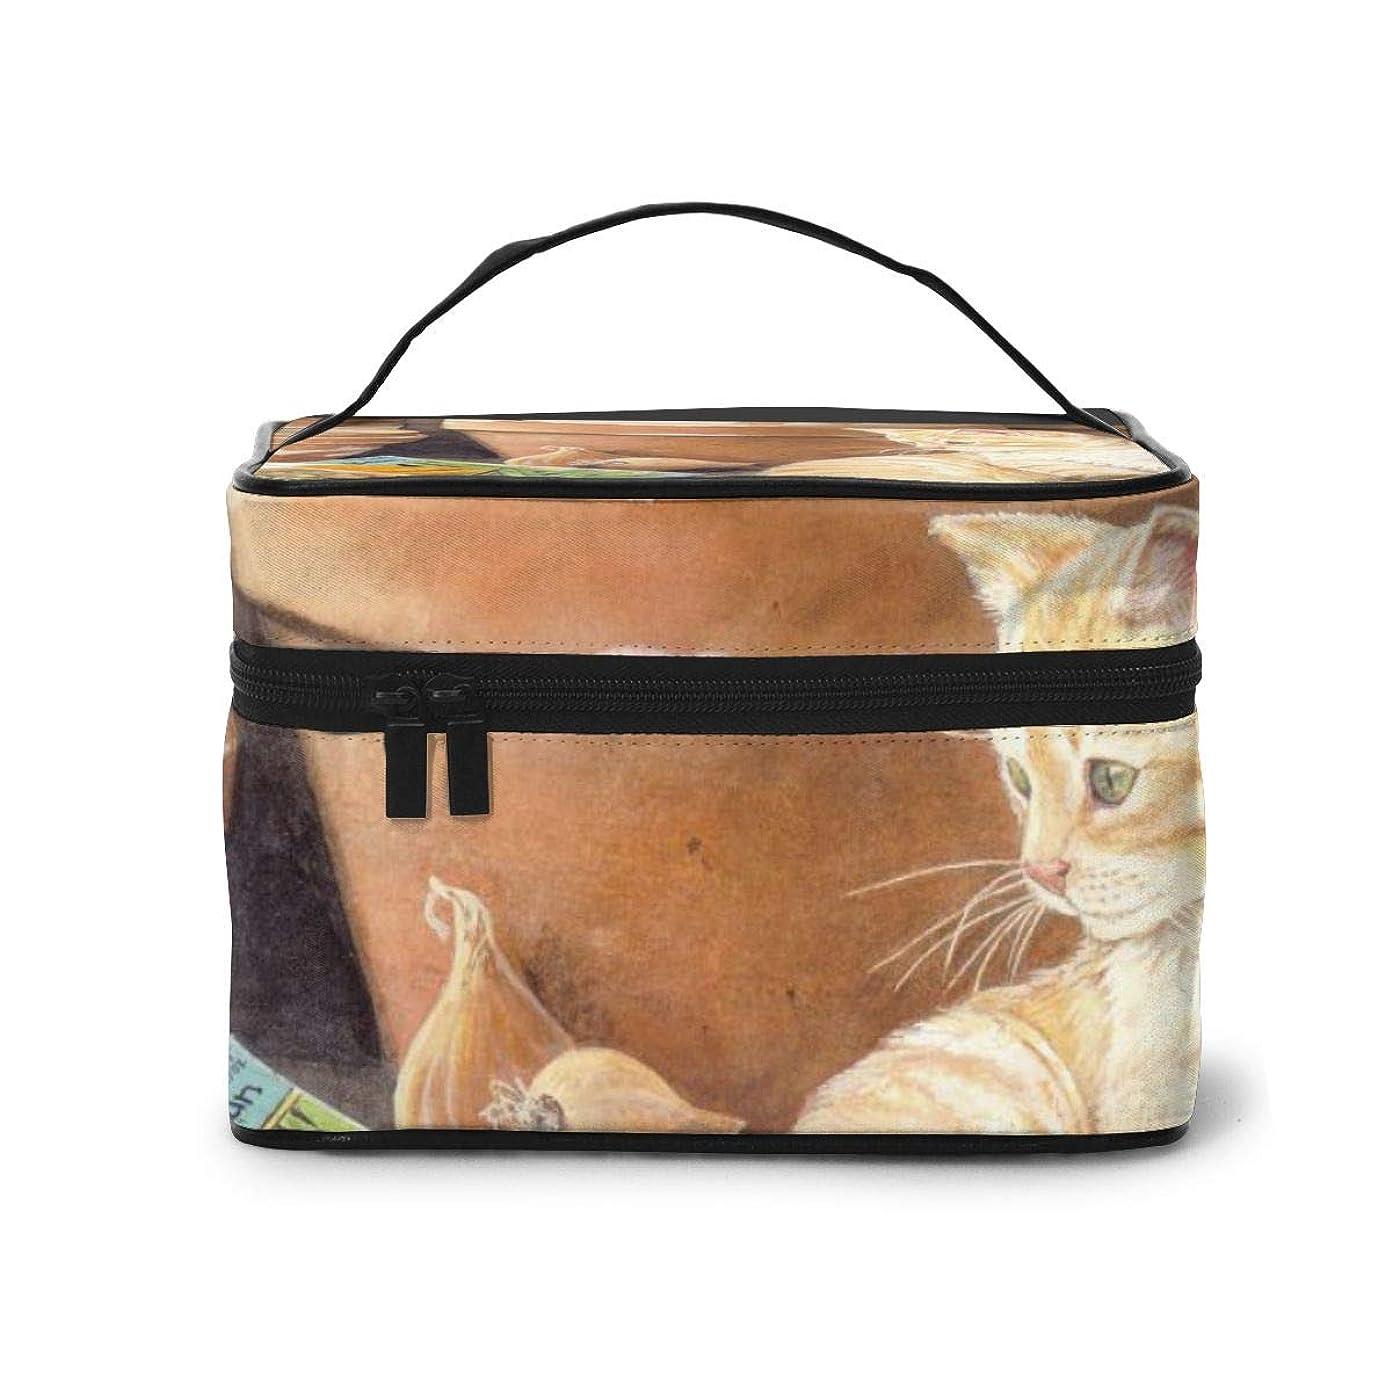 遮るスポンサー慰めメイクポーチ 化粧ポーチ コスメバッグ バニティケース トラベルポーチ 田園猫 写真 鉢 野菜 雑貨 小物入れ 出張用 超軽量 機能的 大容量 収納ボックス